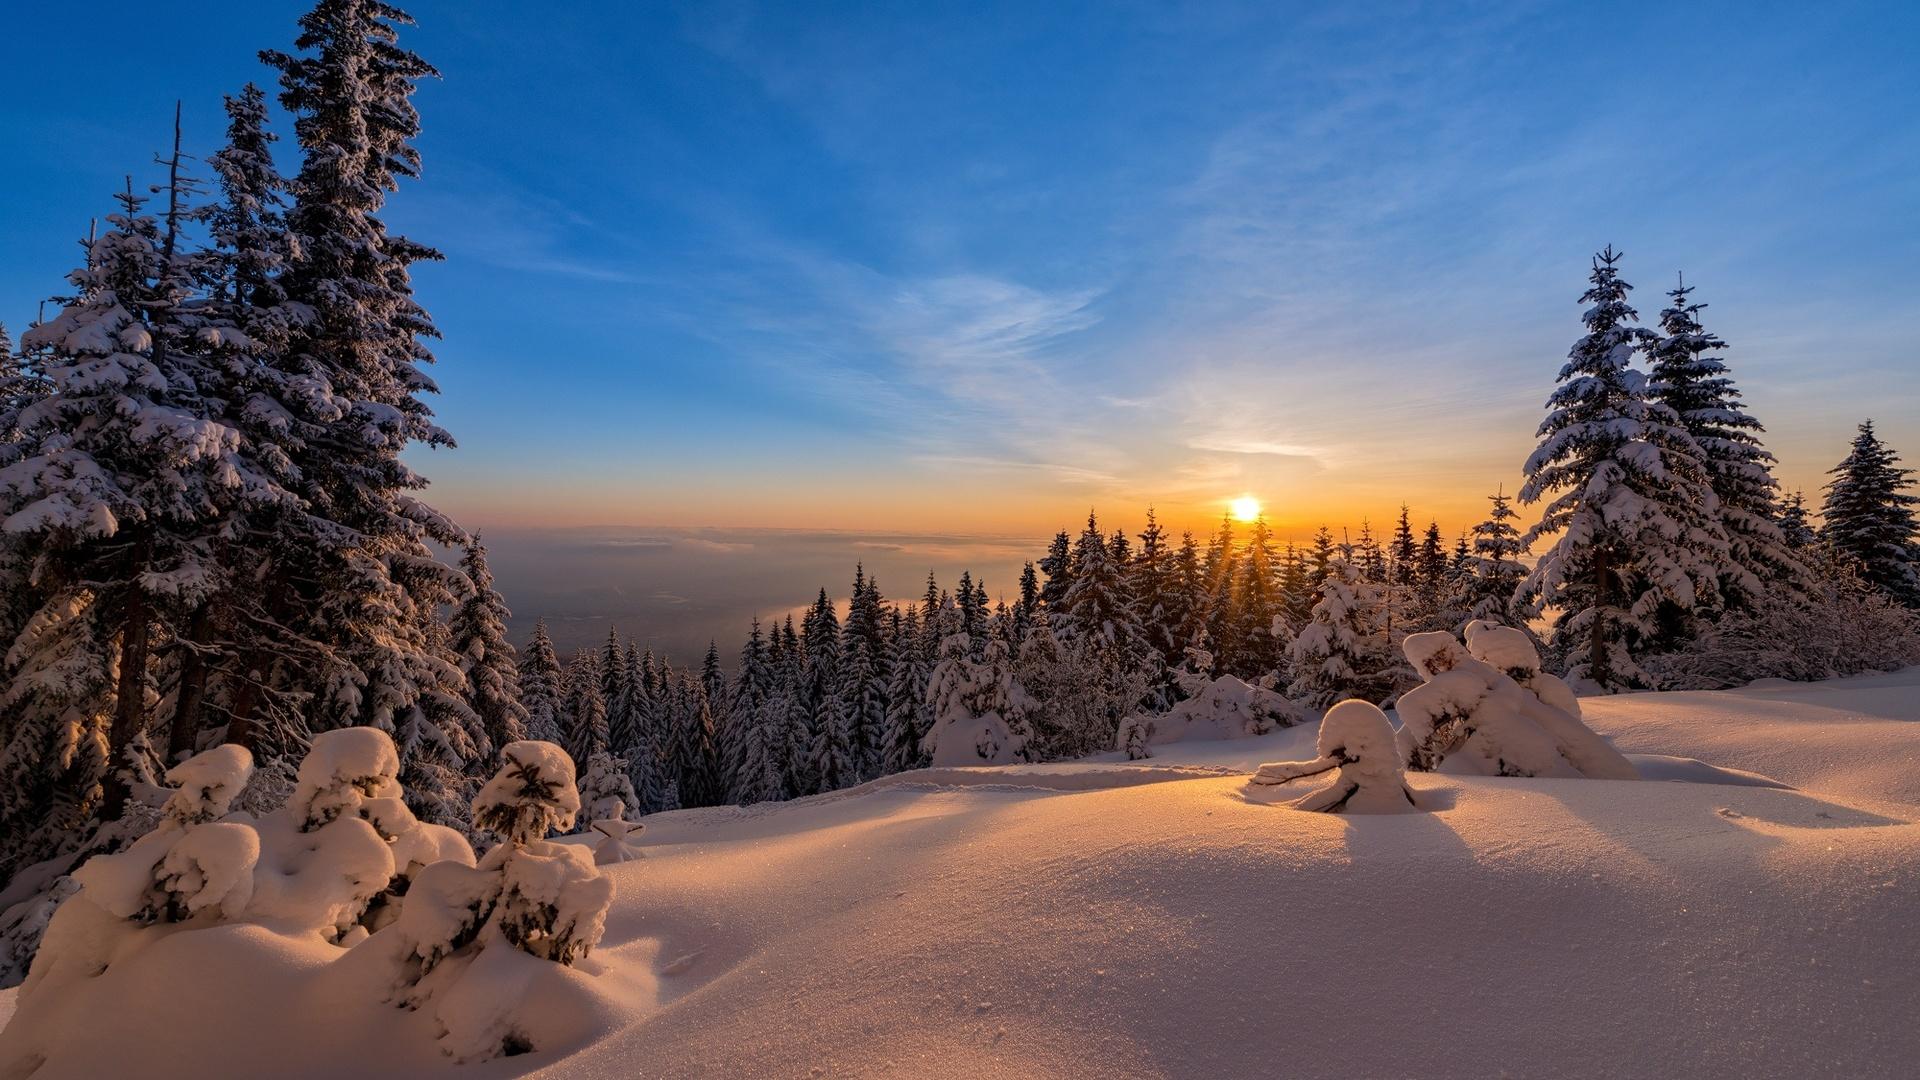 природа, пейзаж, зима, снег, деревья, ели, солнце, закат